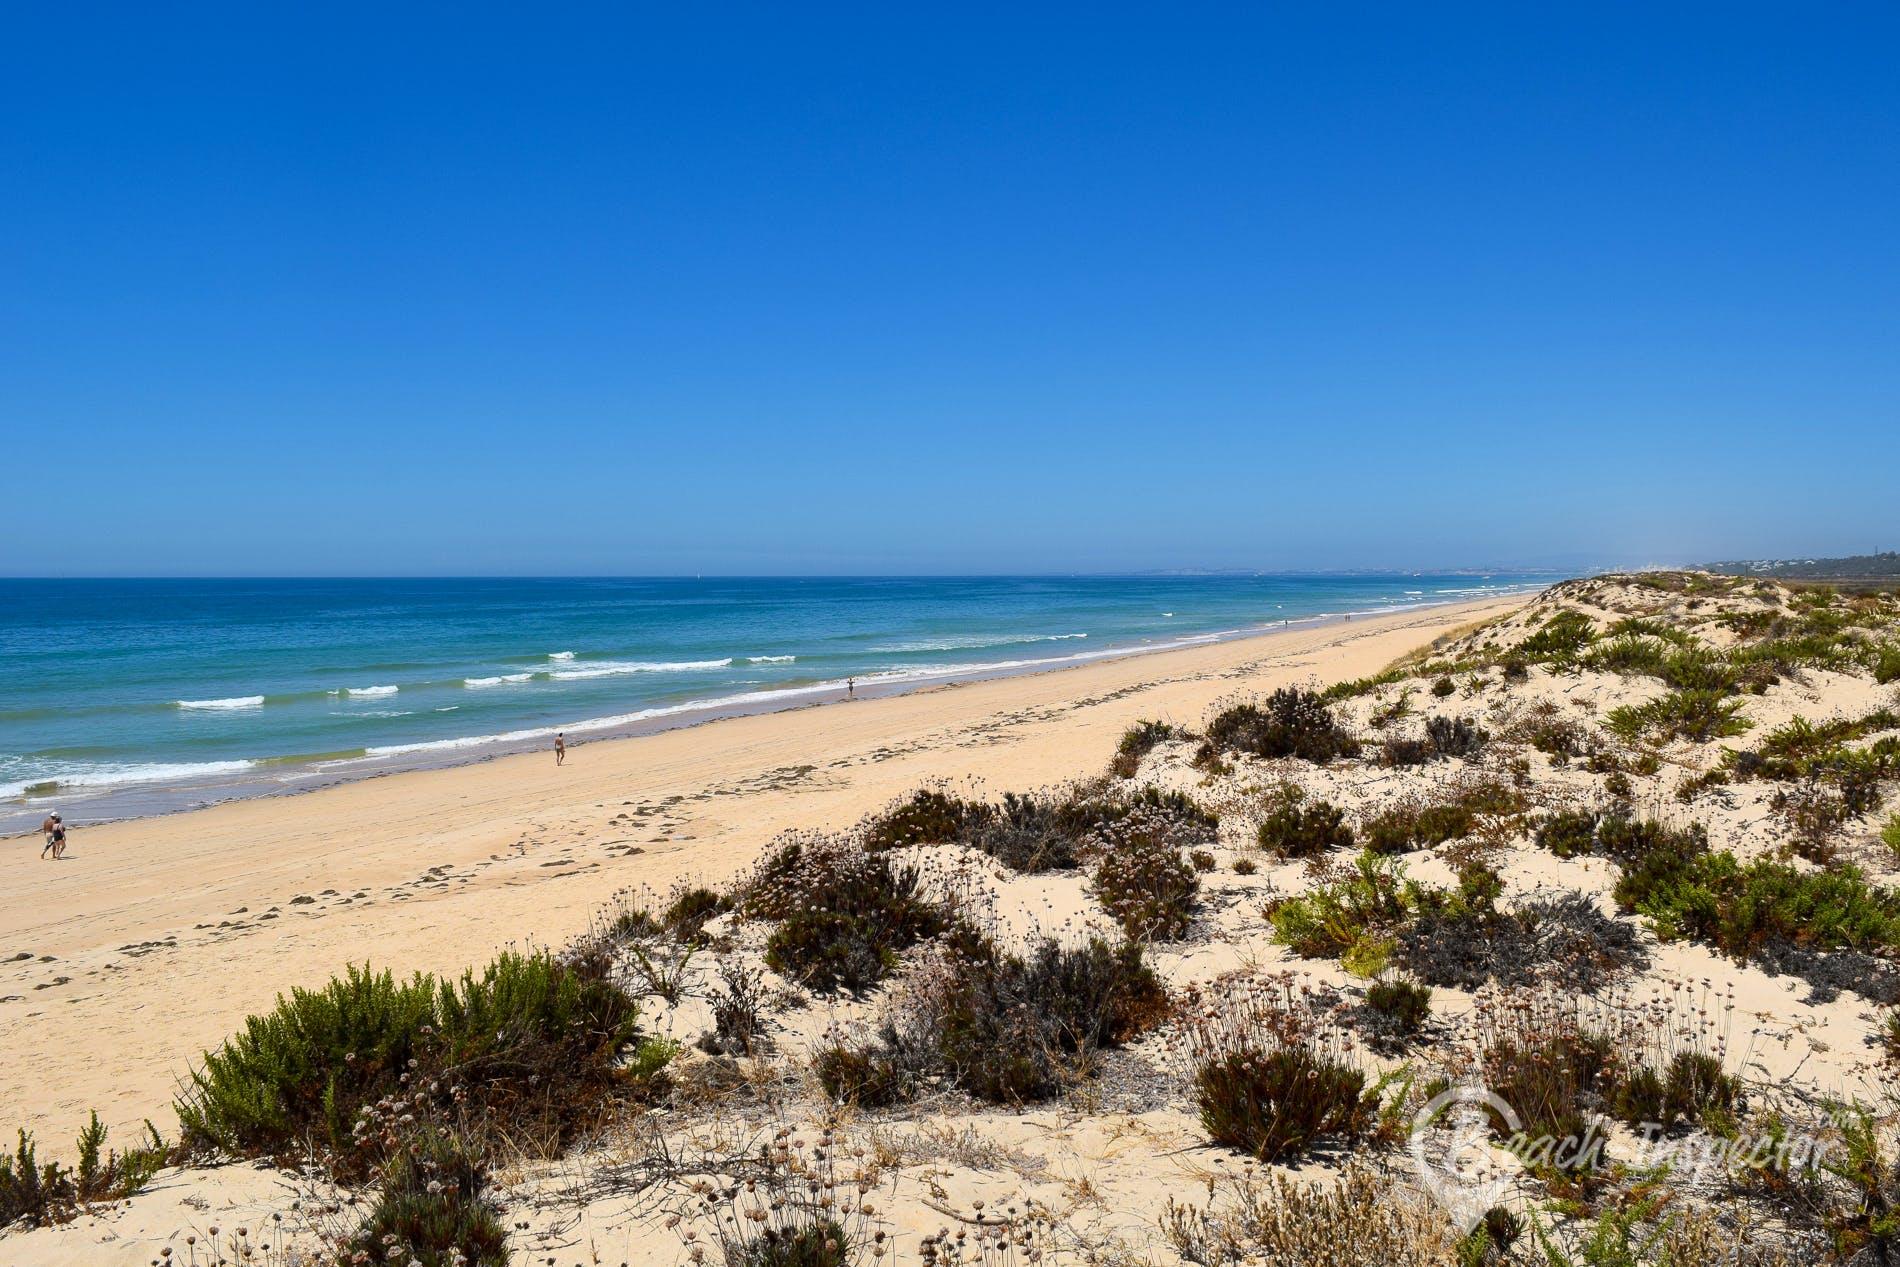 Strand Praia de Faro, Algarve, Portugal